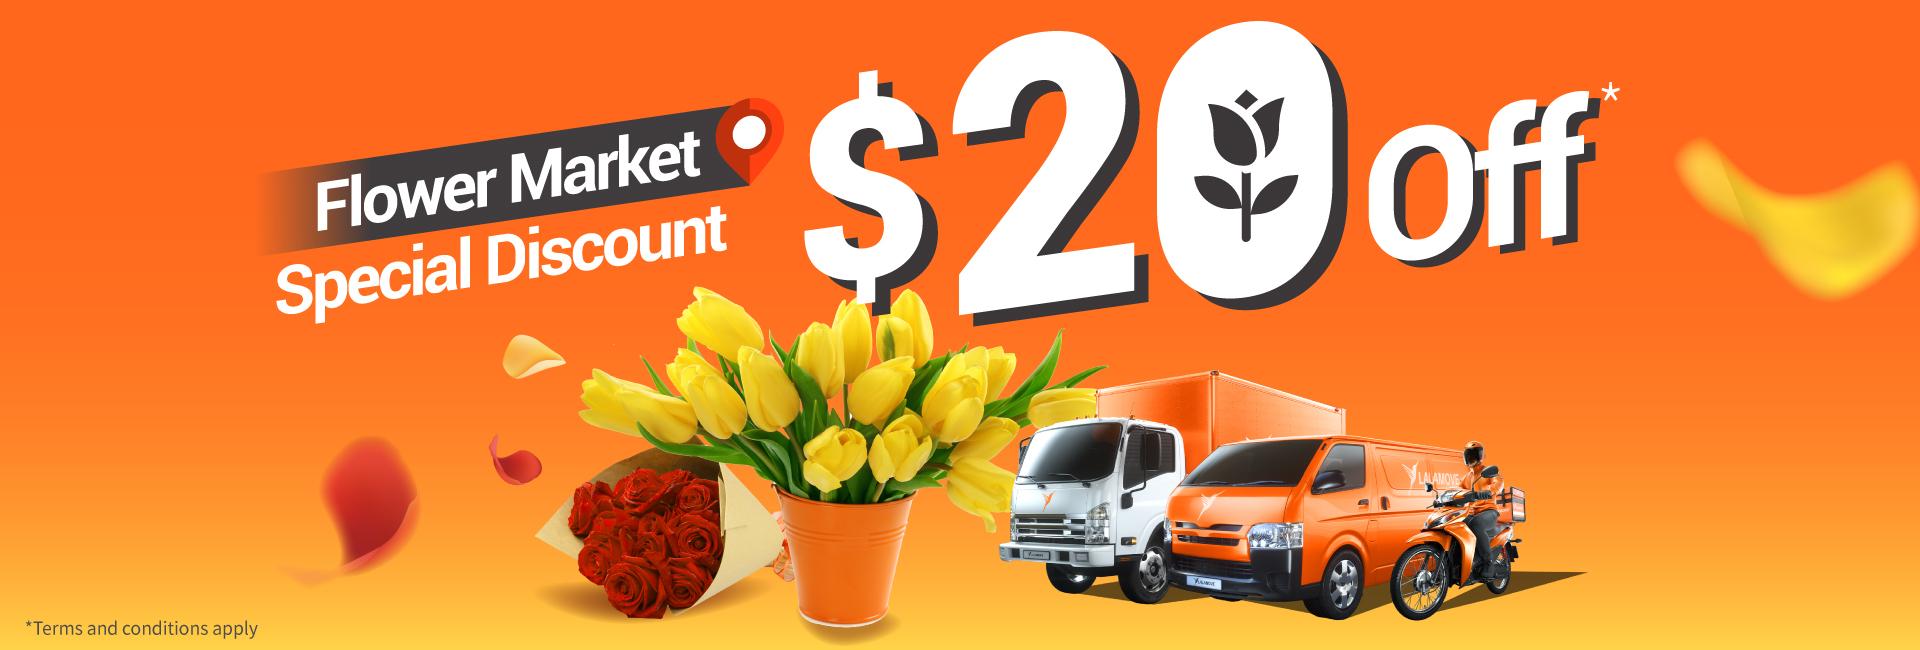 Flower Market landing page _EN